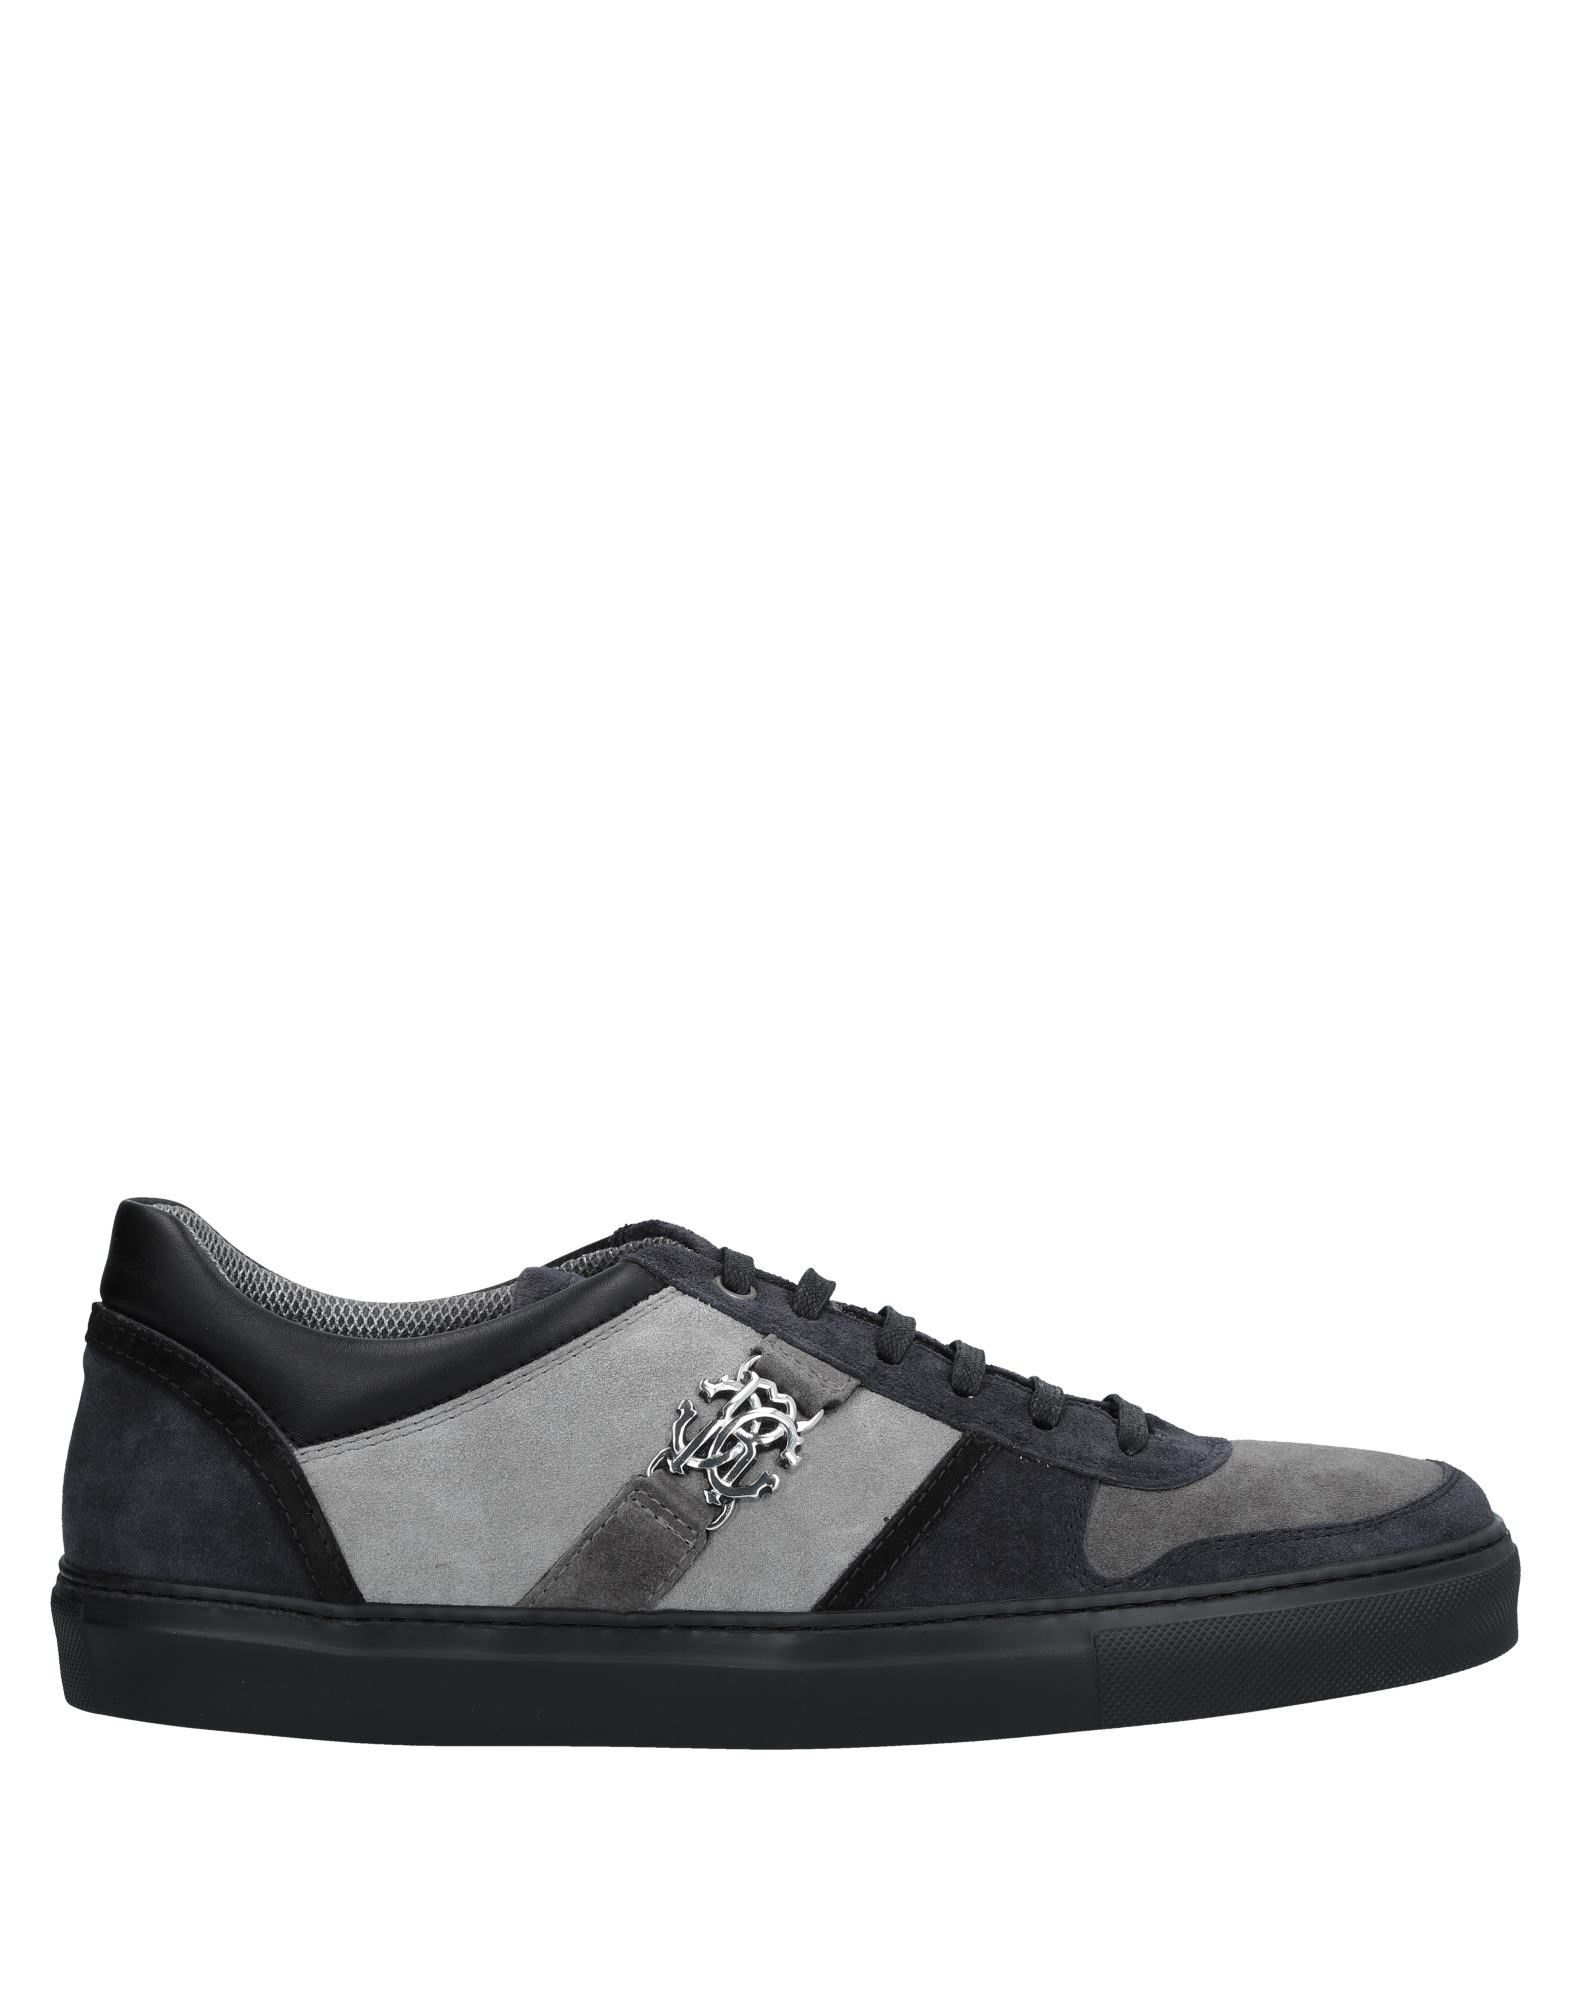 Roberto Cavalli Sneakers Herren  11531094DR Gute Qualität beliebte Schuhe